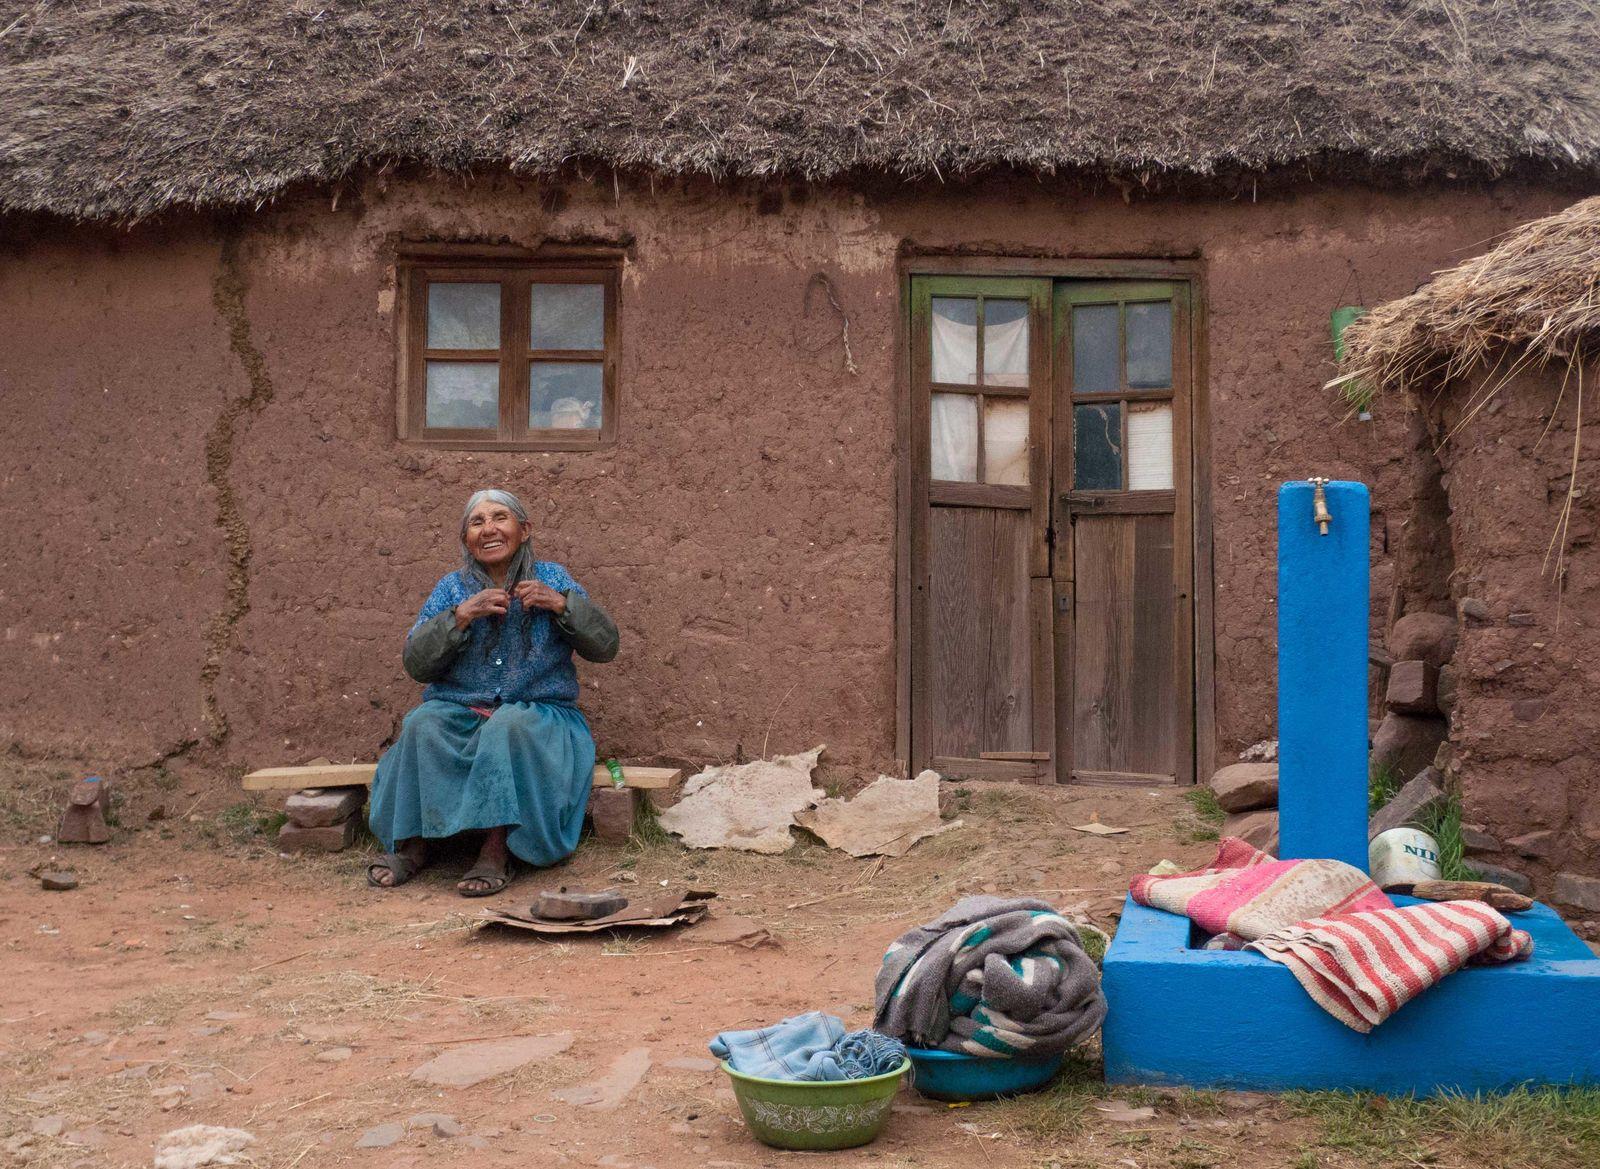 Foto: Ademas de la pileta en la que lava la ropa, la cooperación española ha proporcionado a Lucía Quispe un baño ecológico. (Paula Guisado)